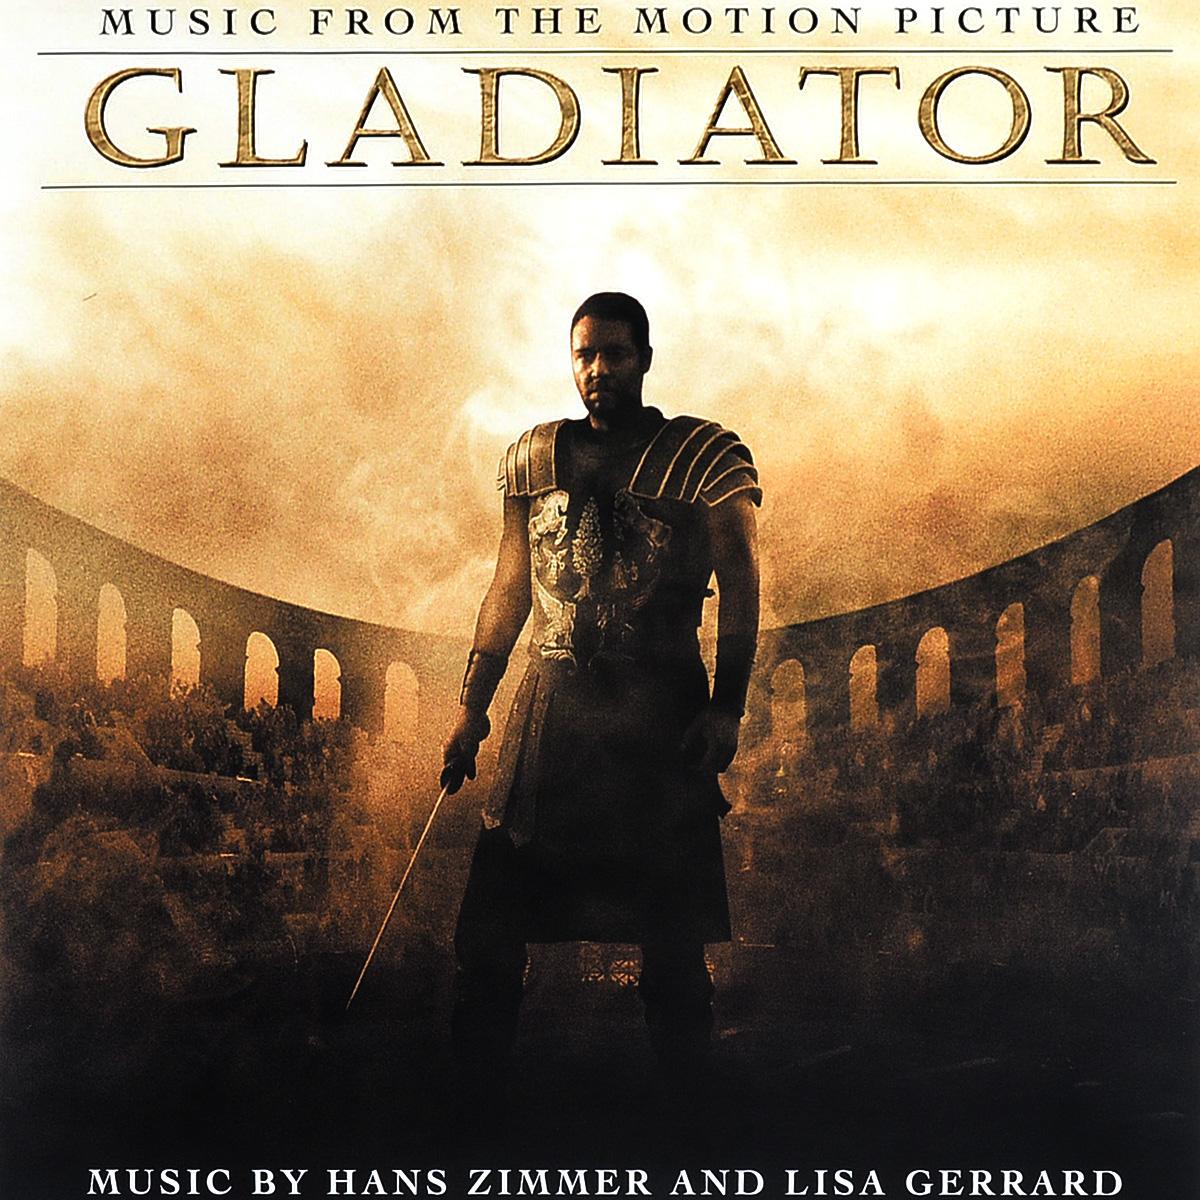 Gladiator O.S.T. (Hans Zimmer & Lisa Gerrard) (2 LP) hans zimmer hans zimmer the world of hans zimmer a symphonic celebration 3 lp 180 gr